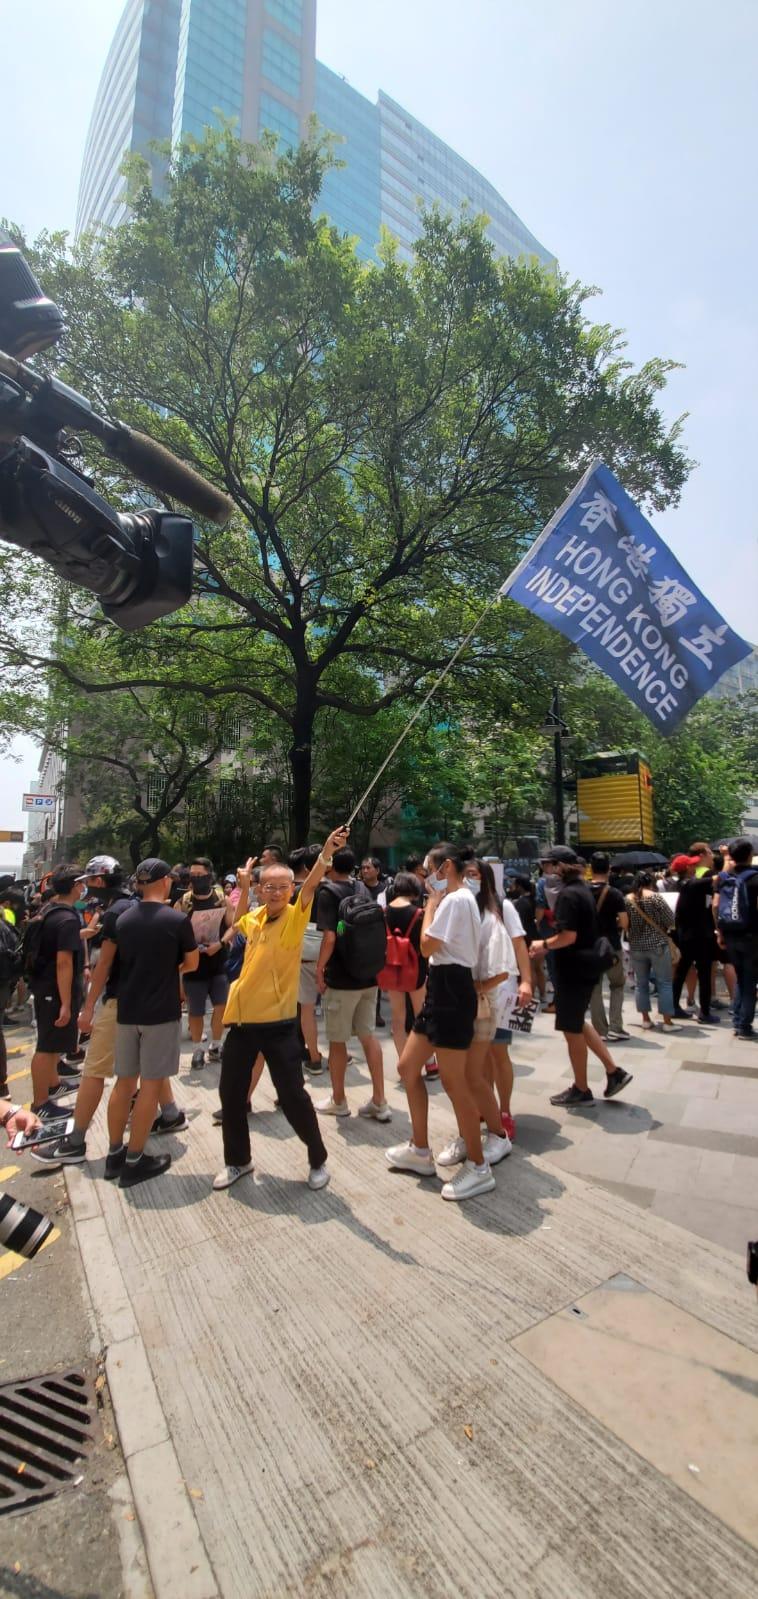 在場有人揮舞「港獨」旗。